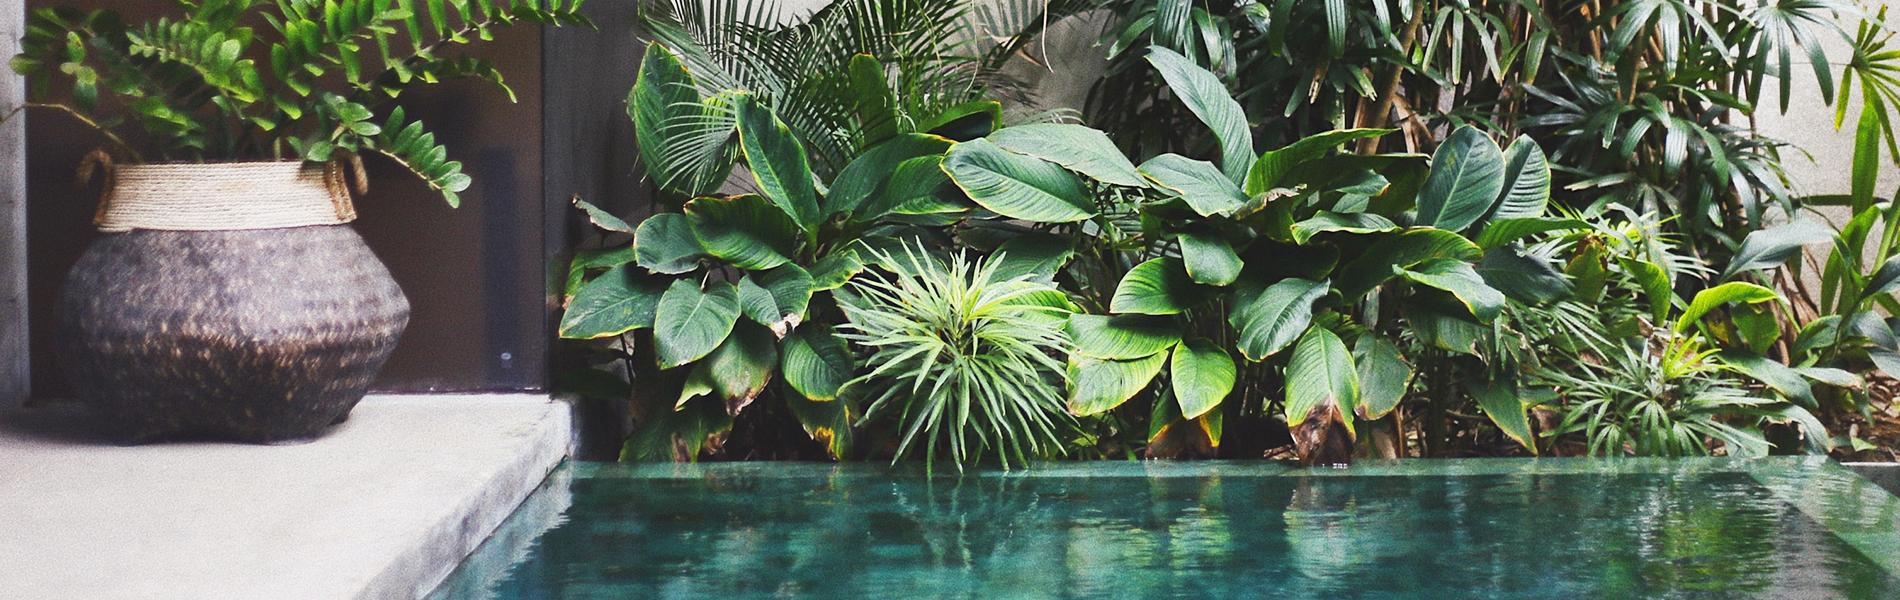 creation-jardin-zen-mineral-jardinier-paysagiste